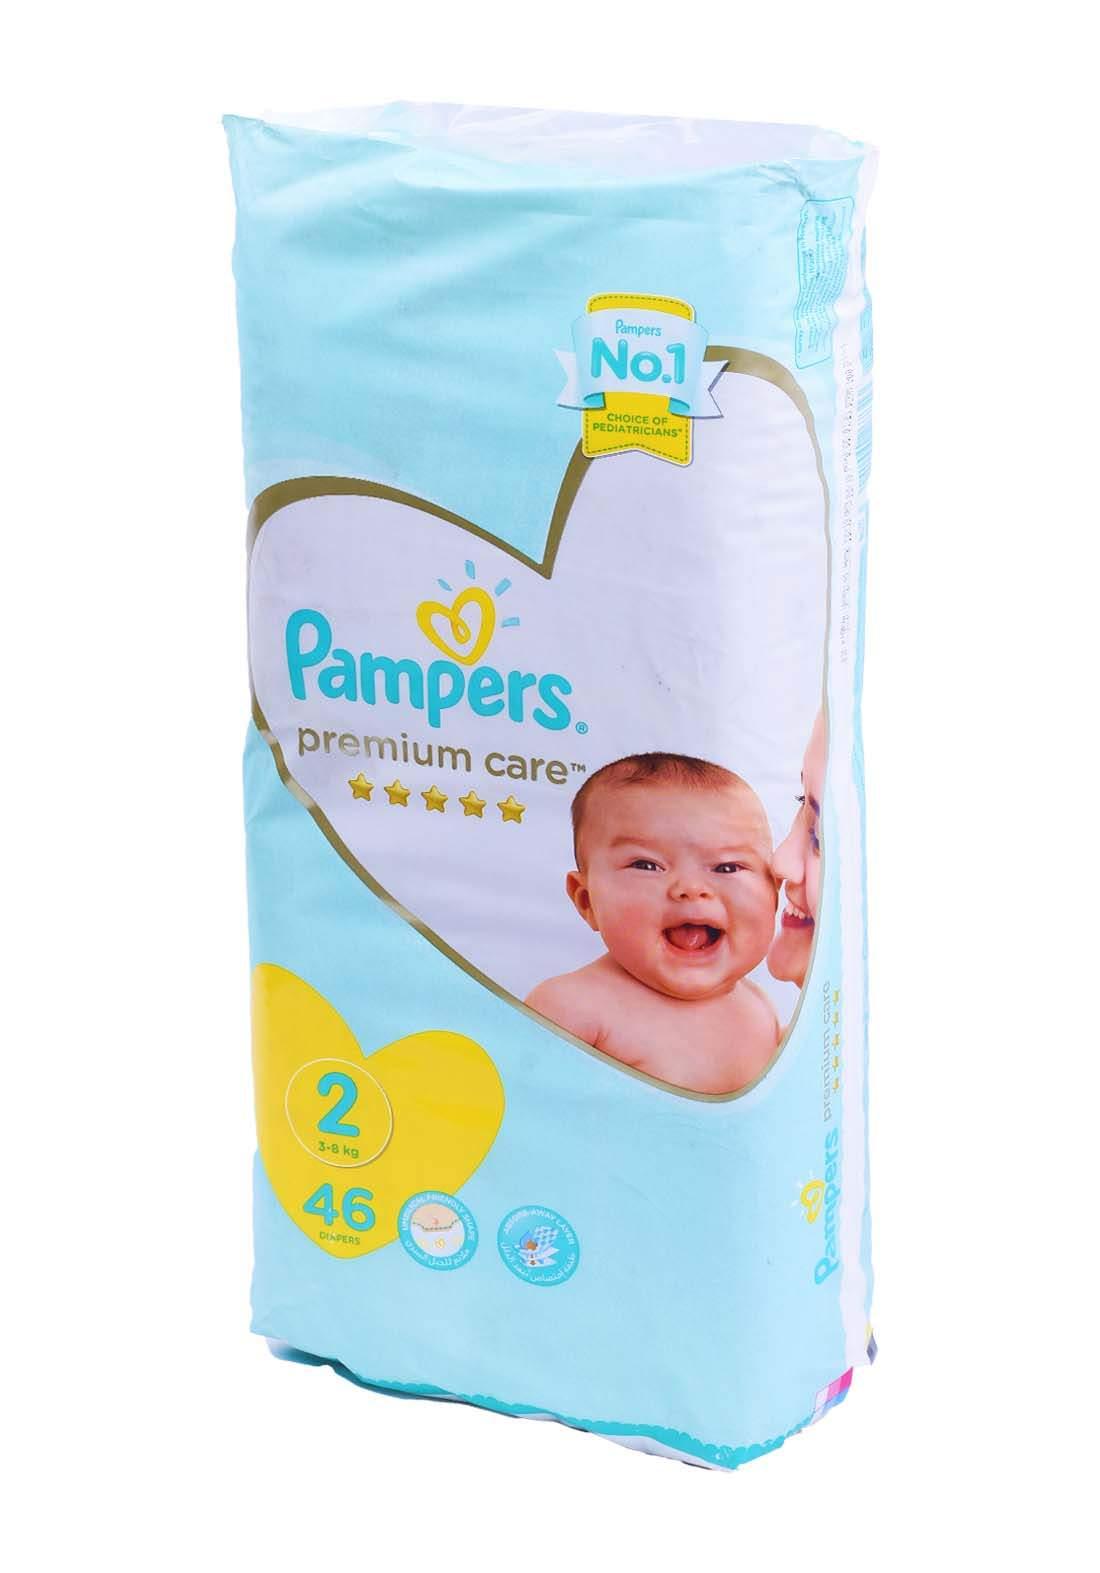 Pampers 3-8 Kg 46 Pcs حفاضات  بامبرز للاطفال عادي رقم 2